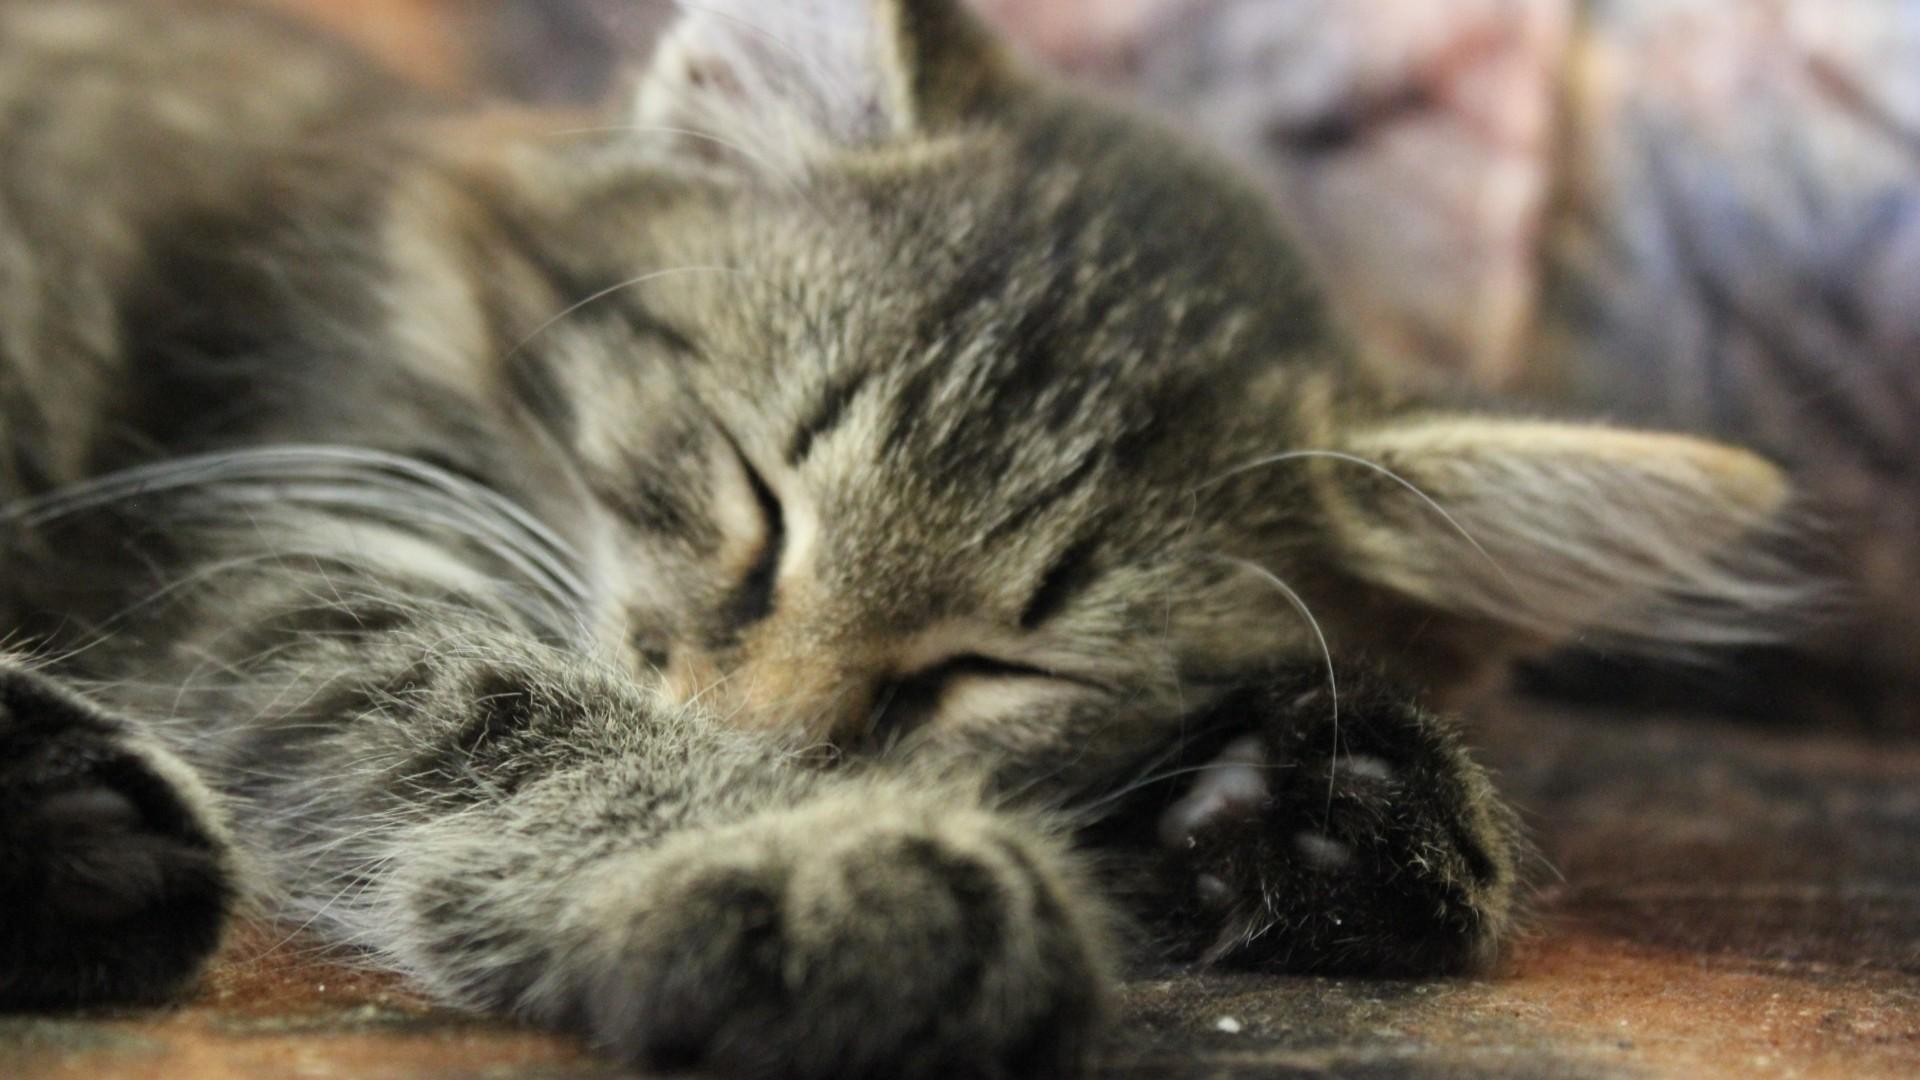 того фото спящие котята станция мцк